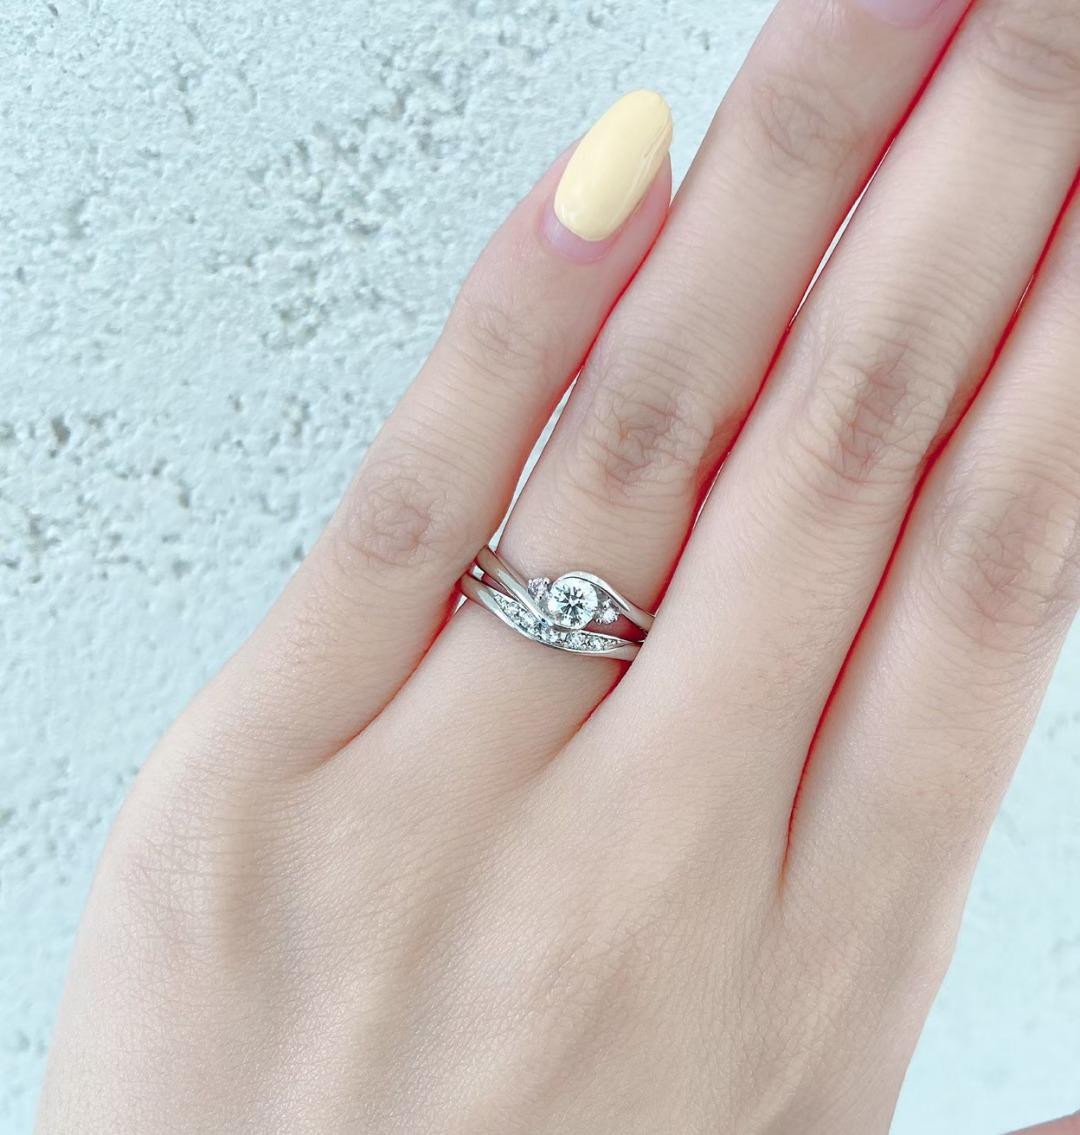 銀座で人気のダイヤモンドが美しい上品な婚約指輪と結婚指輪